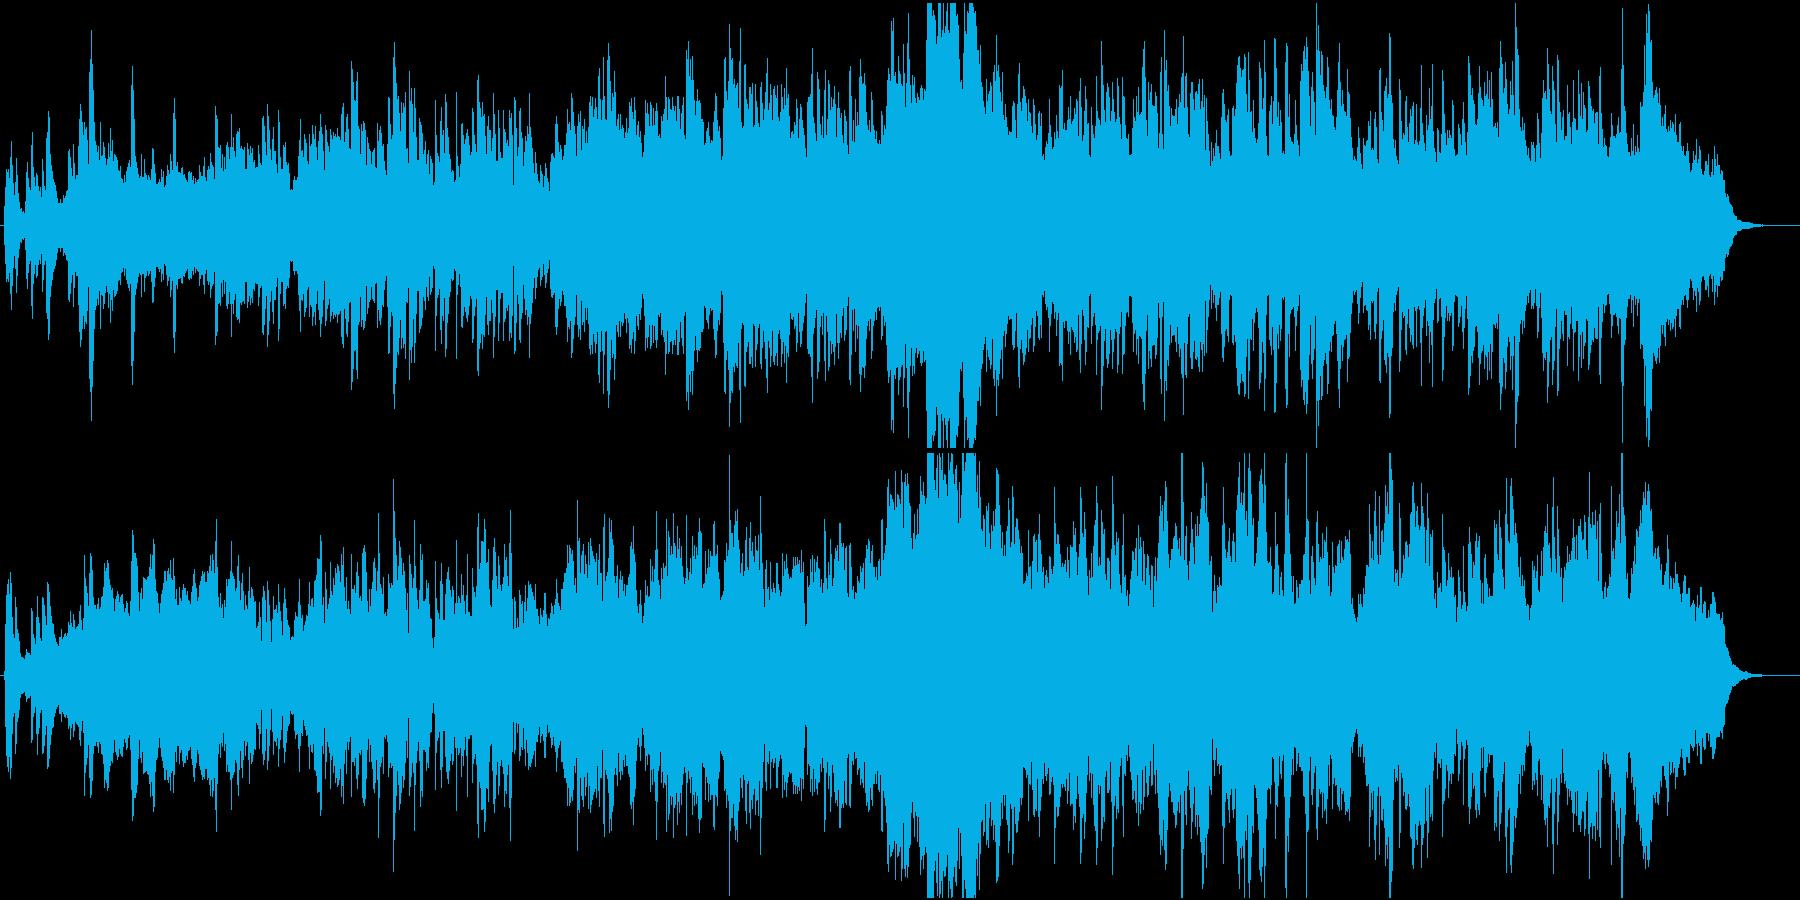 郷愁の場面に優しく前向きなオーケストラ1の再生済みの波形